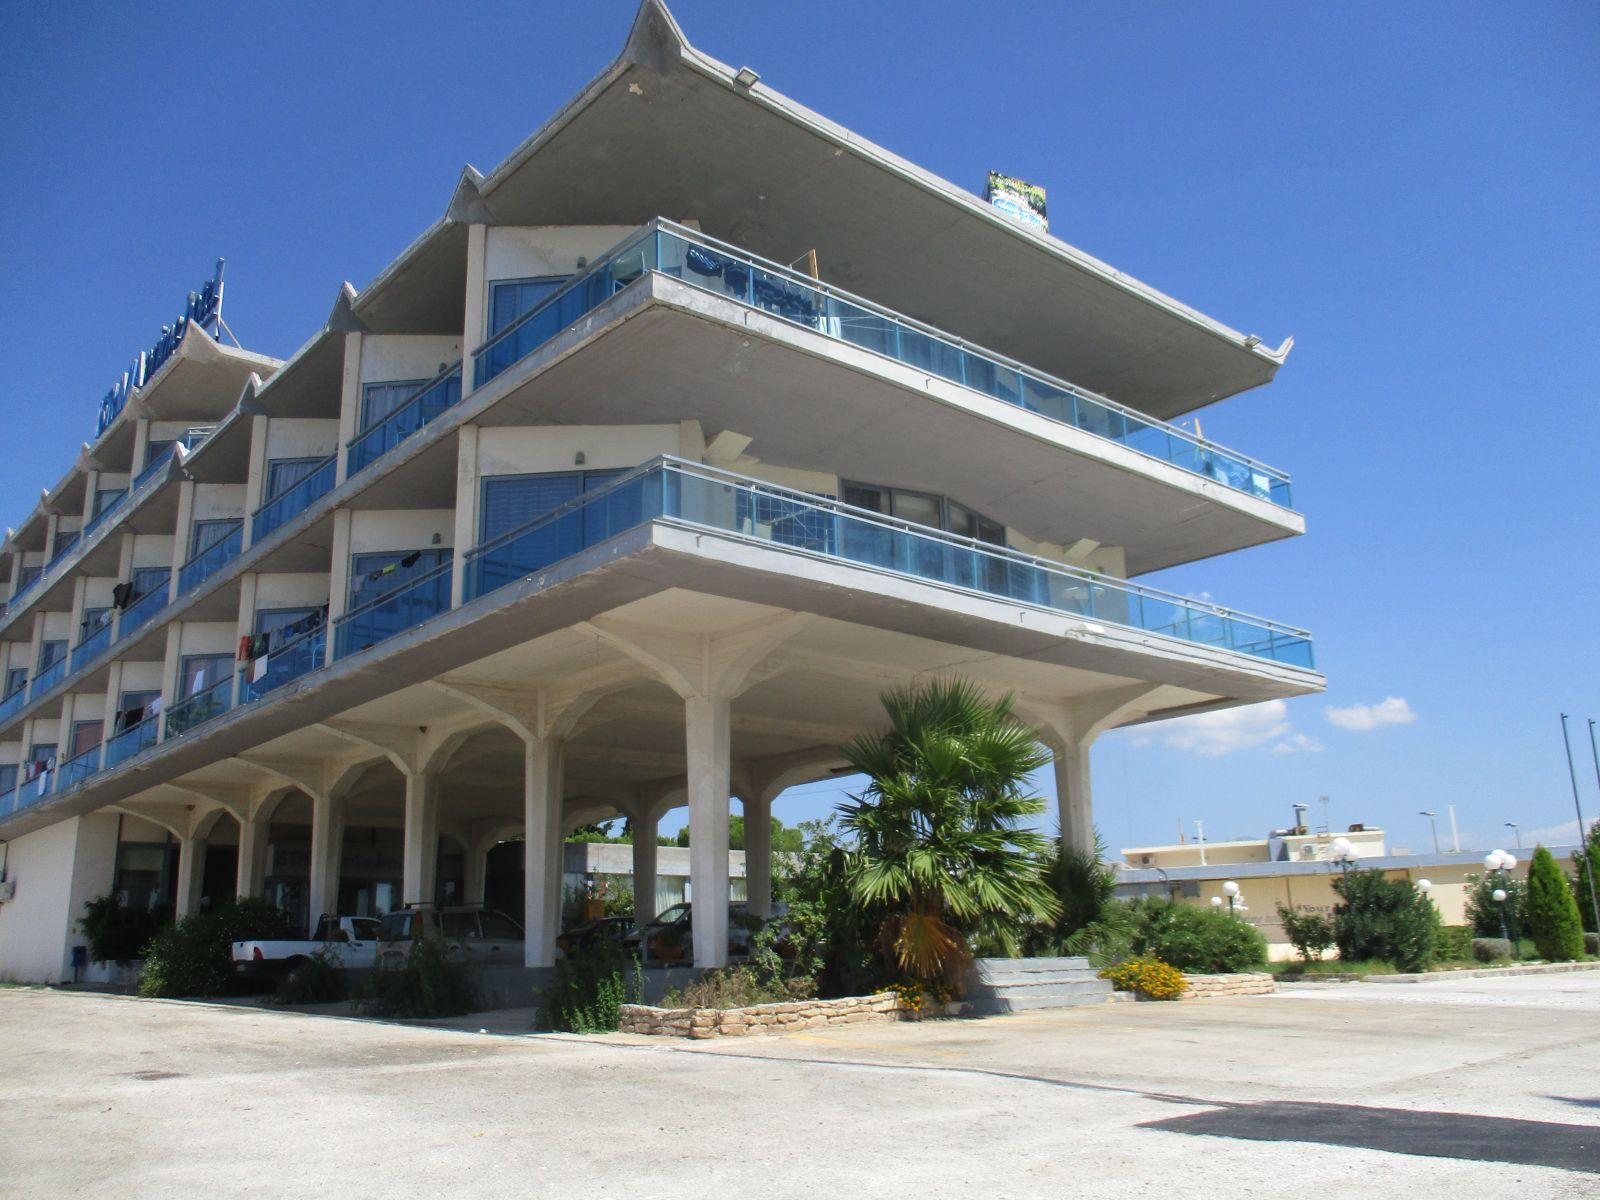 Υγρομόνωση με Tektofle σε ταράτσε στο ξενοδοχείο Ίσθμια στην Κόρινθο επιφάνειας 2.500sqm